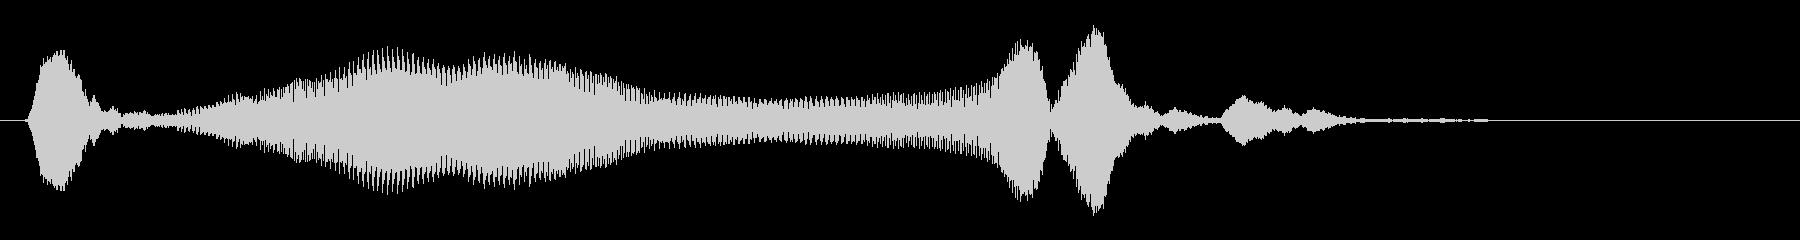 ミヤーオ(鳴き声系)の未再生の波形